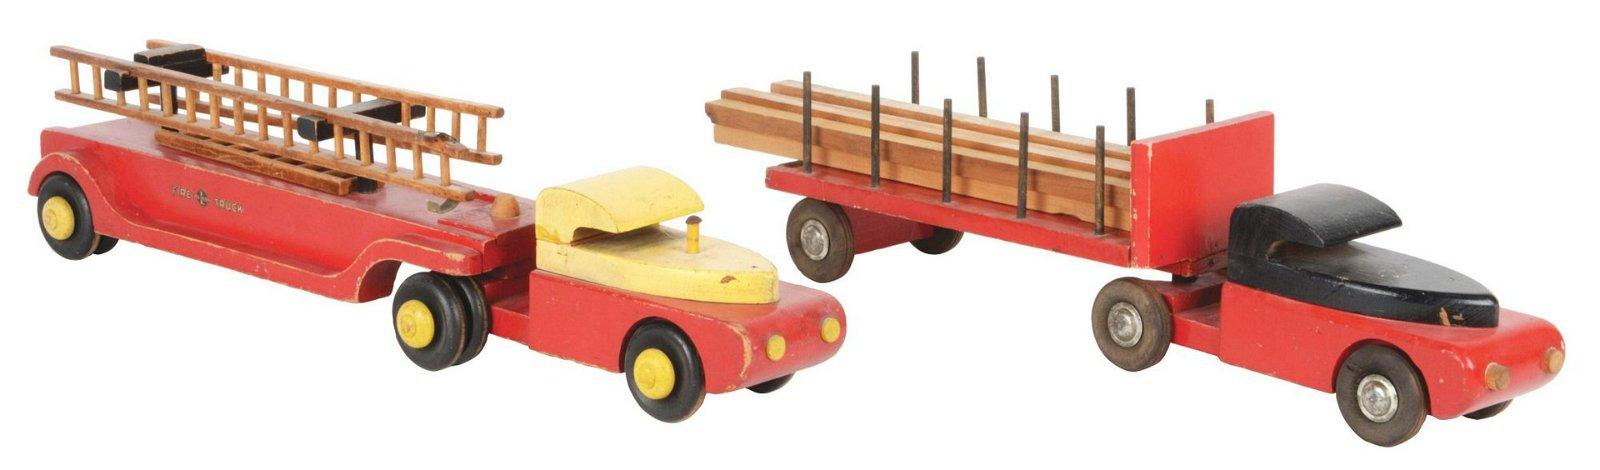 """Lot of 2: Wooden Buddy L 28"""" Trucks."""